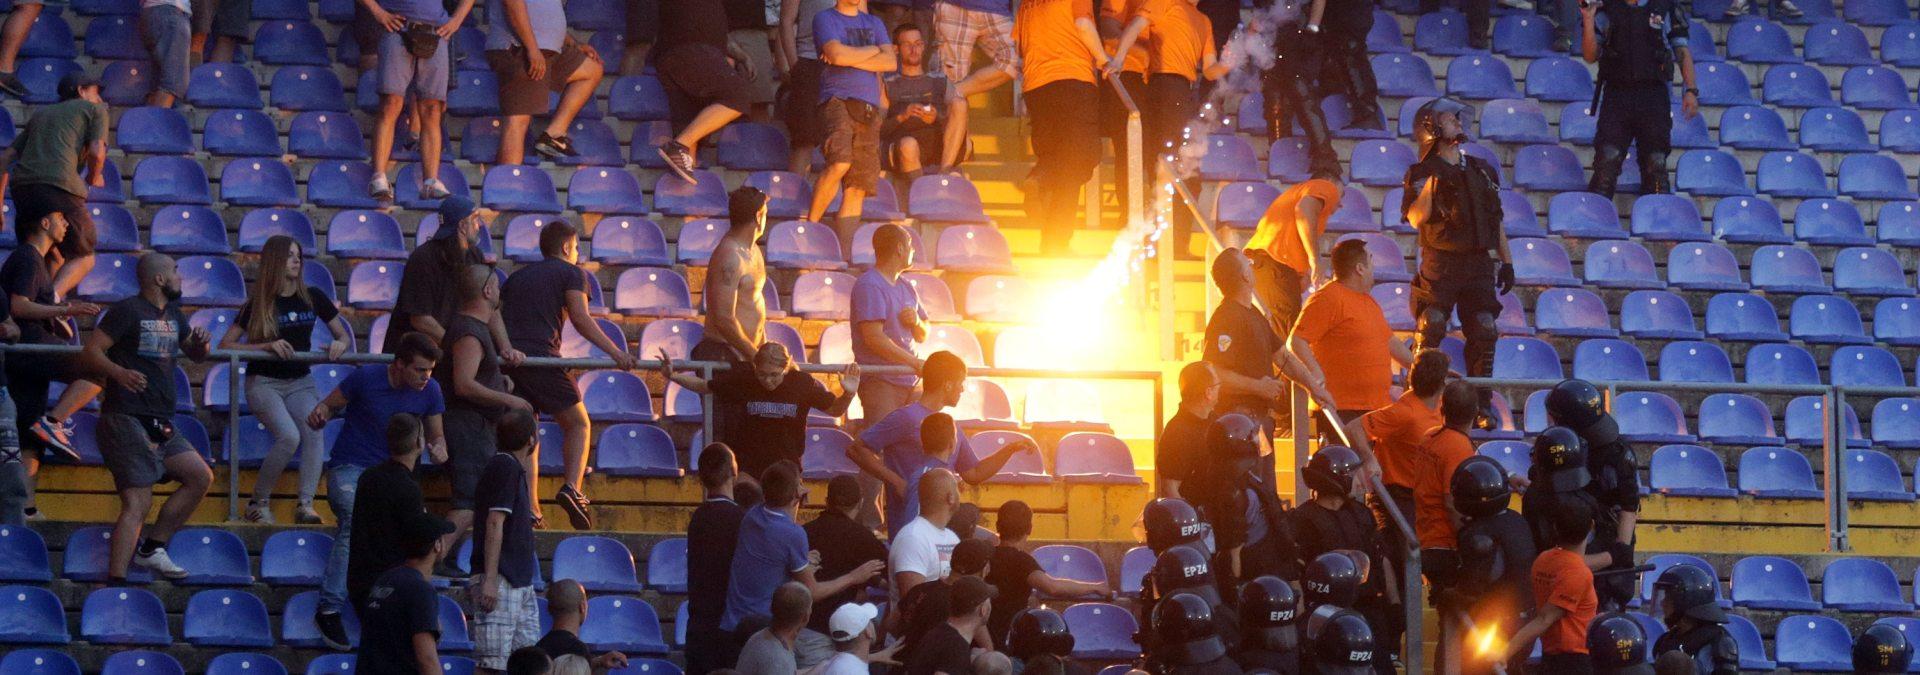 VIDEO I FOTO: Frakcije BBB-a se međusobno gađale bakljama na stadionu